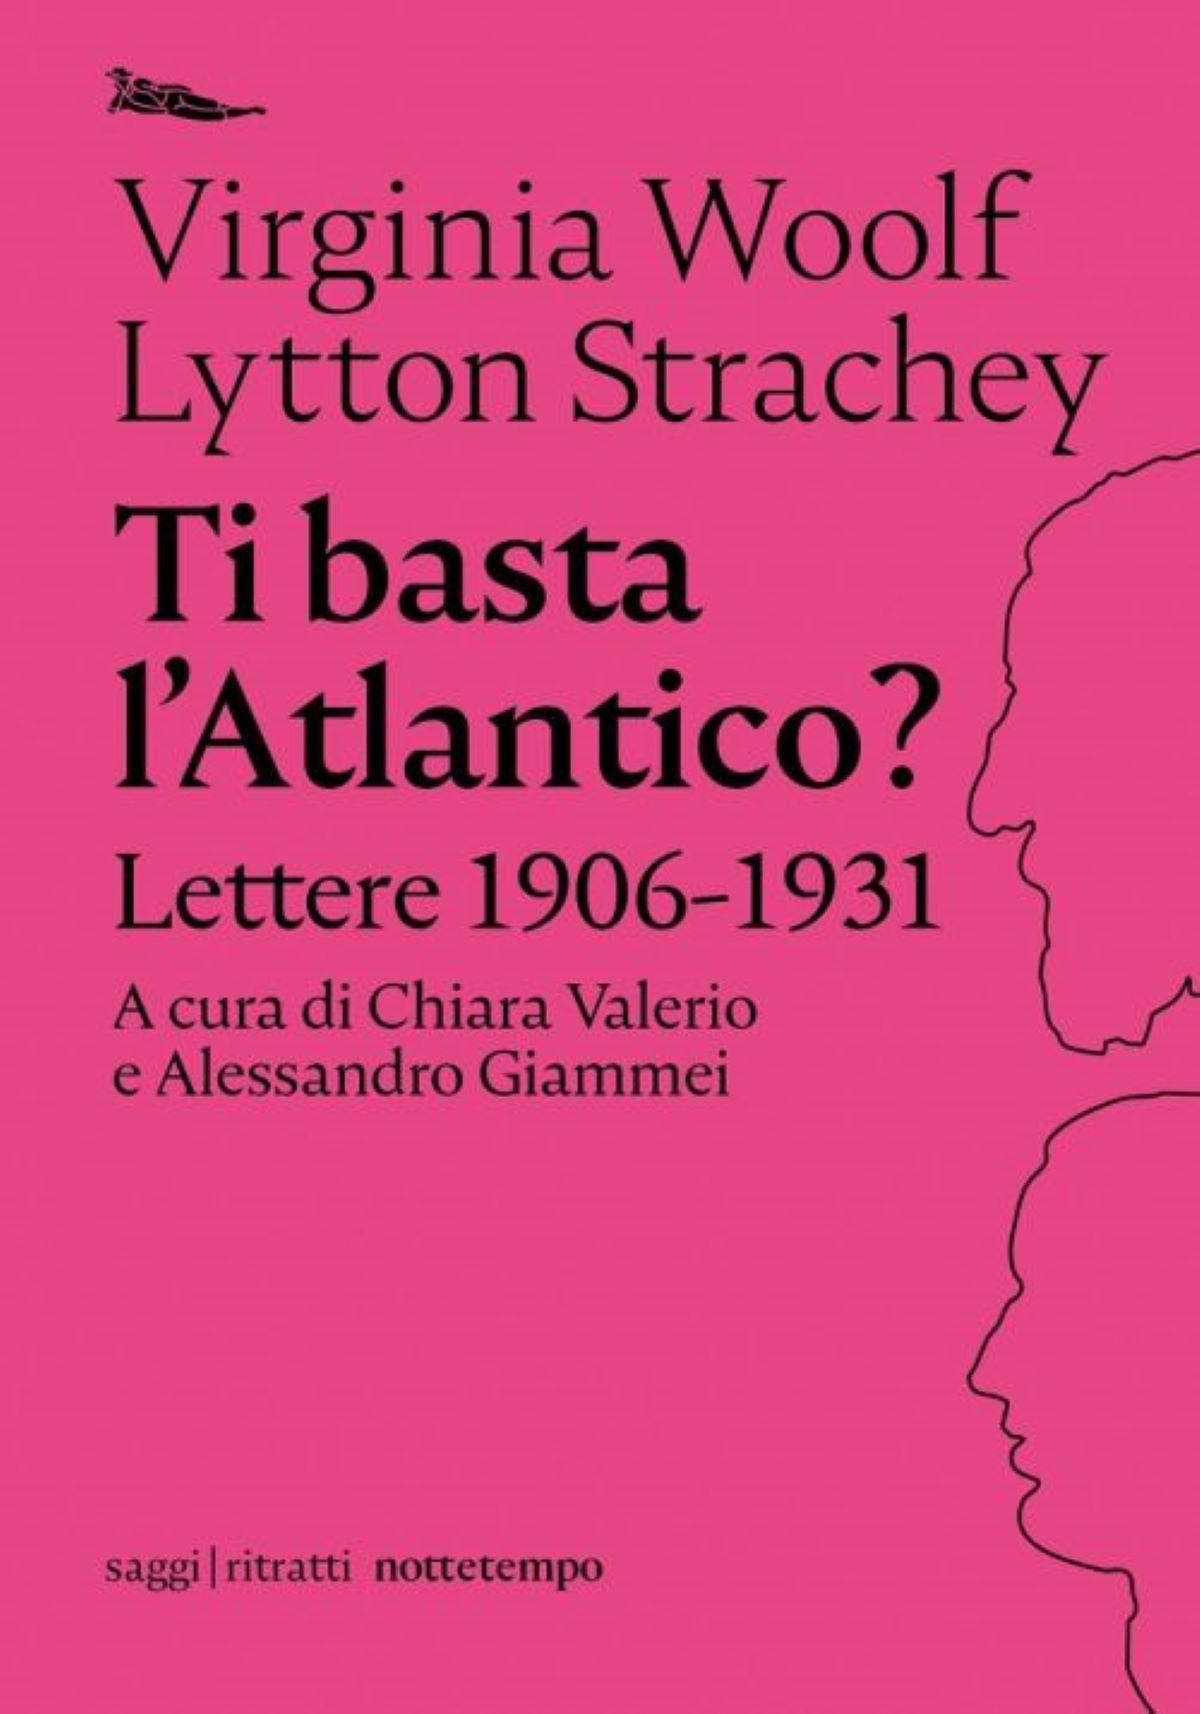 UN'AMICIZIA di Silvia Avallone ed. Rizzoli